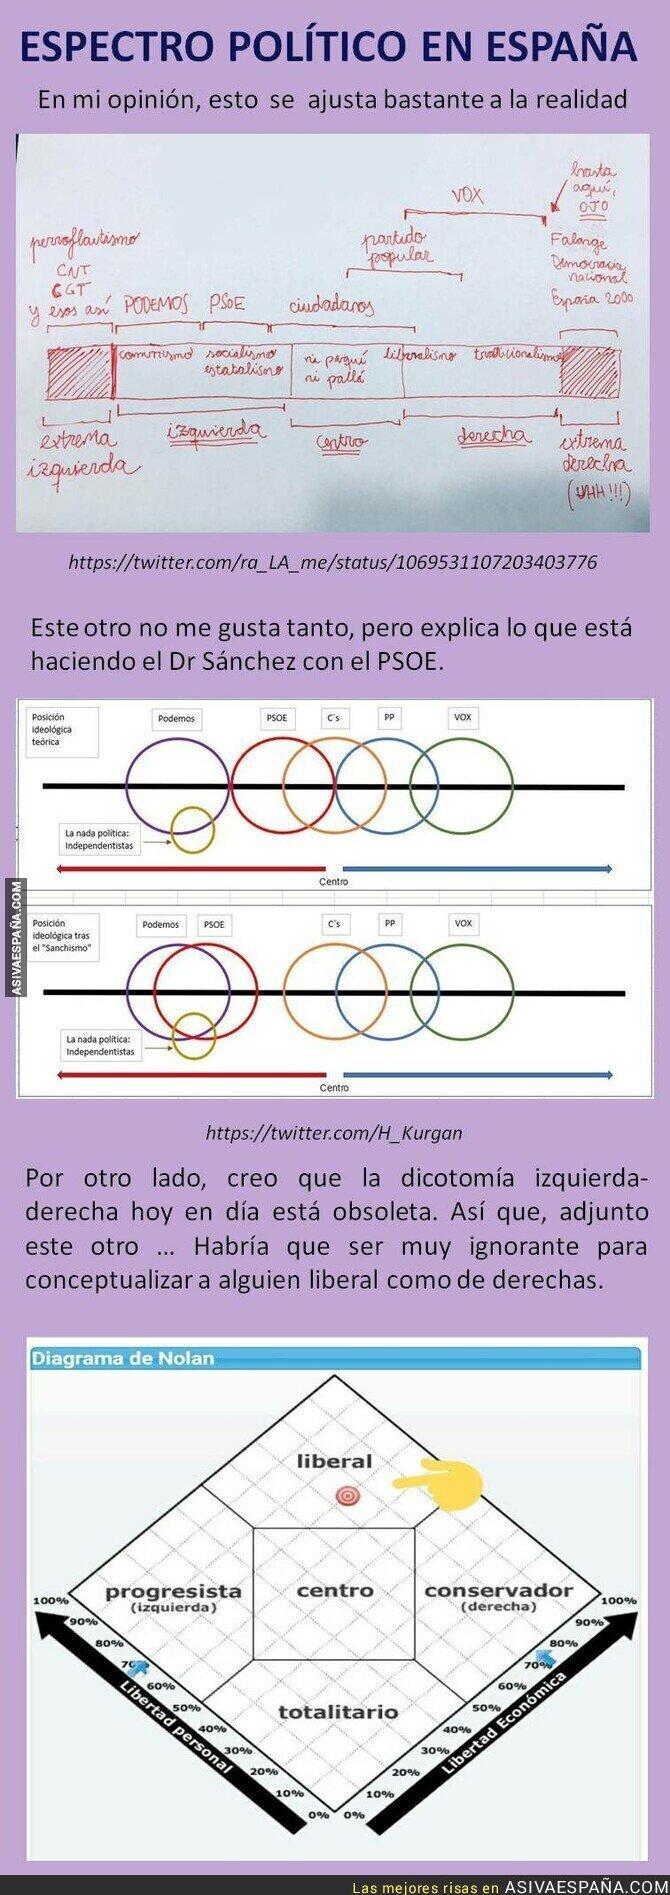 101720 - El espectro político español